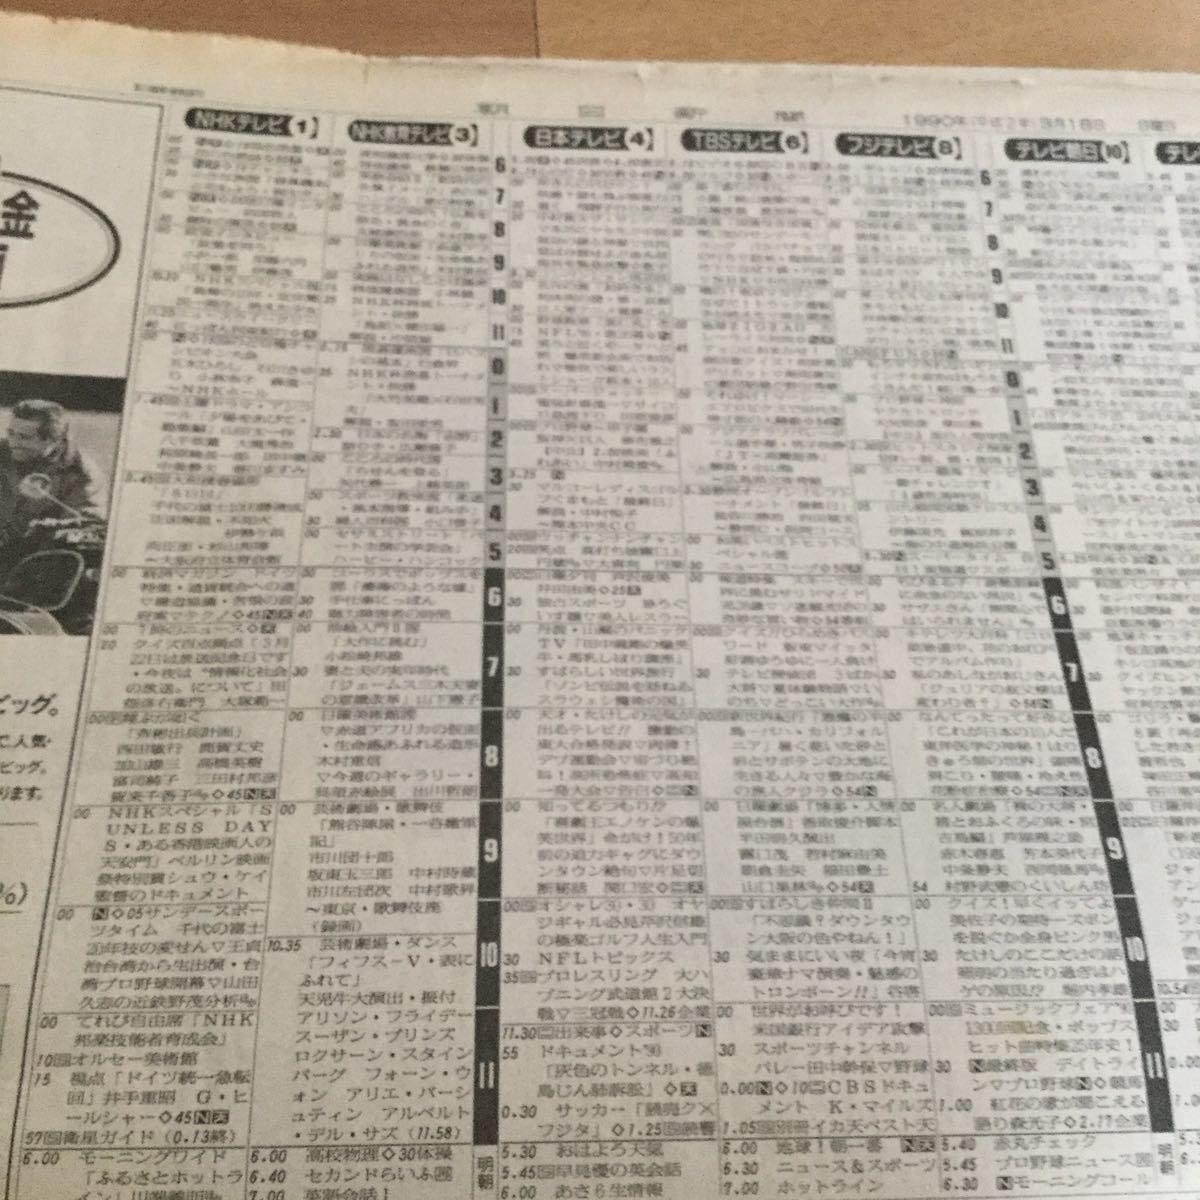 平成 1990 年